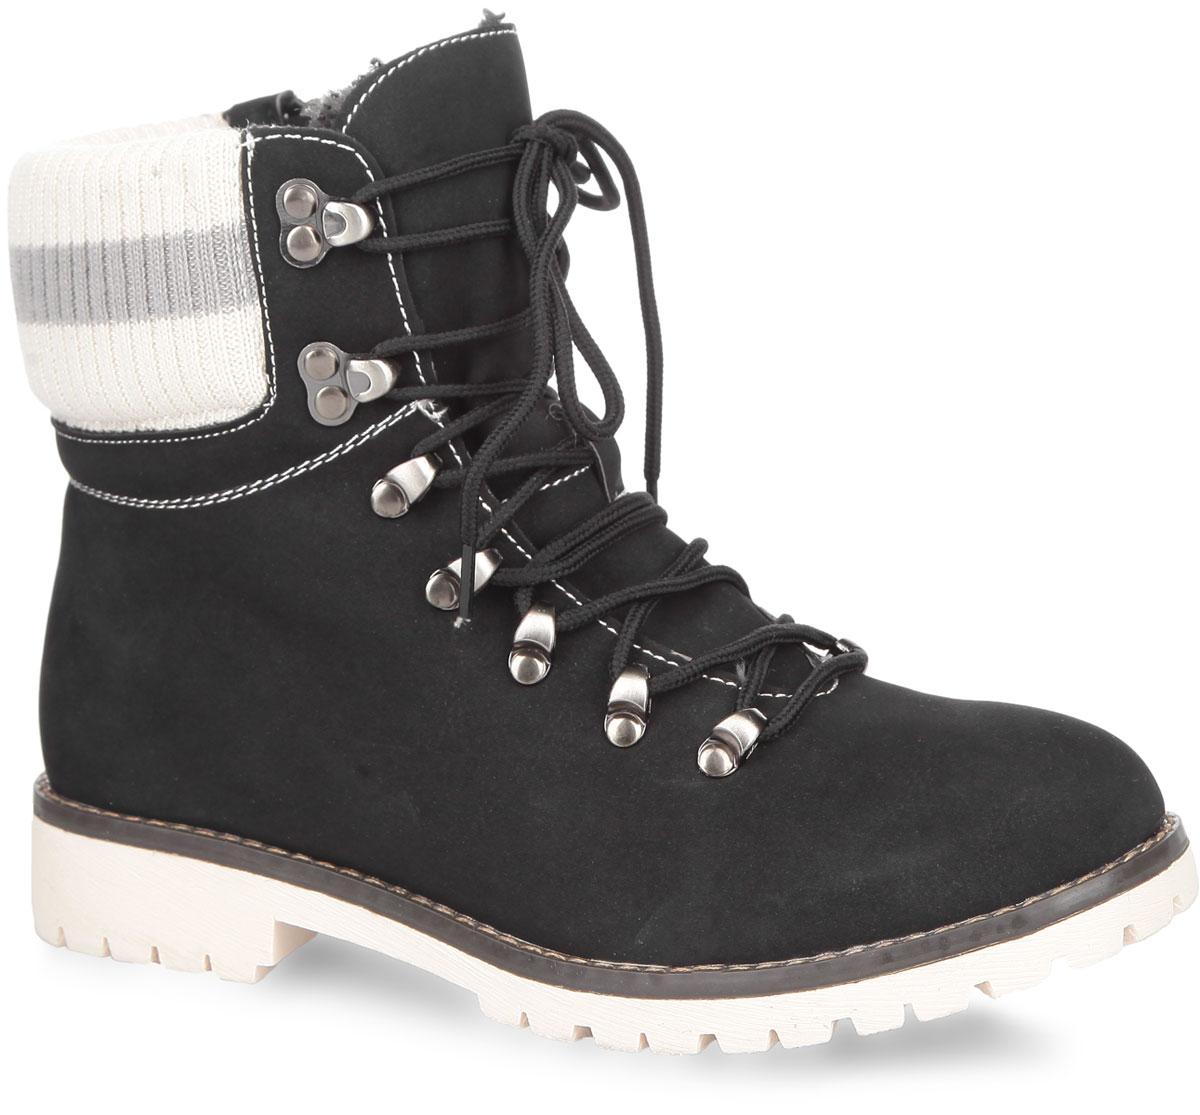 Ботинки женские. 858327/20-09858327/20-09Модные женские ботинки от Keddo покорят вас своим удобством. Модель выполнена из высококачественного искусственного нубука и оформлена контрастной прострочкой. Голенище дополнено текстильной вставкой. Ботинки застегиваются на боковую застежку-молнию. Шнуровка надежно фиксирует обувь на ноге. Подкладка и стелька, исполненные из искусственной шерсти, сохранят ваши ноги в тепле. Каблук и подошва с протектором обеспечивают отличное сцепление на любой поверхности. Такие ботинки идеально подойдут для повседневного использования. Они подчеркнут ваш стиль и индивидуальность.